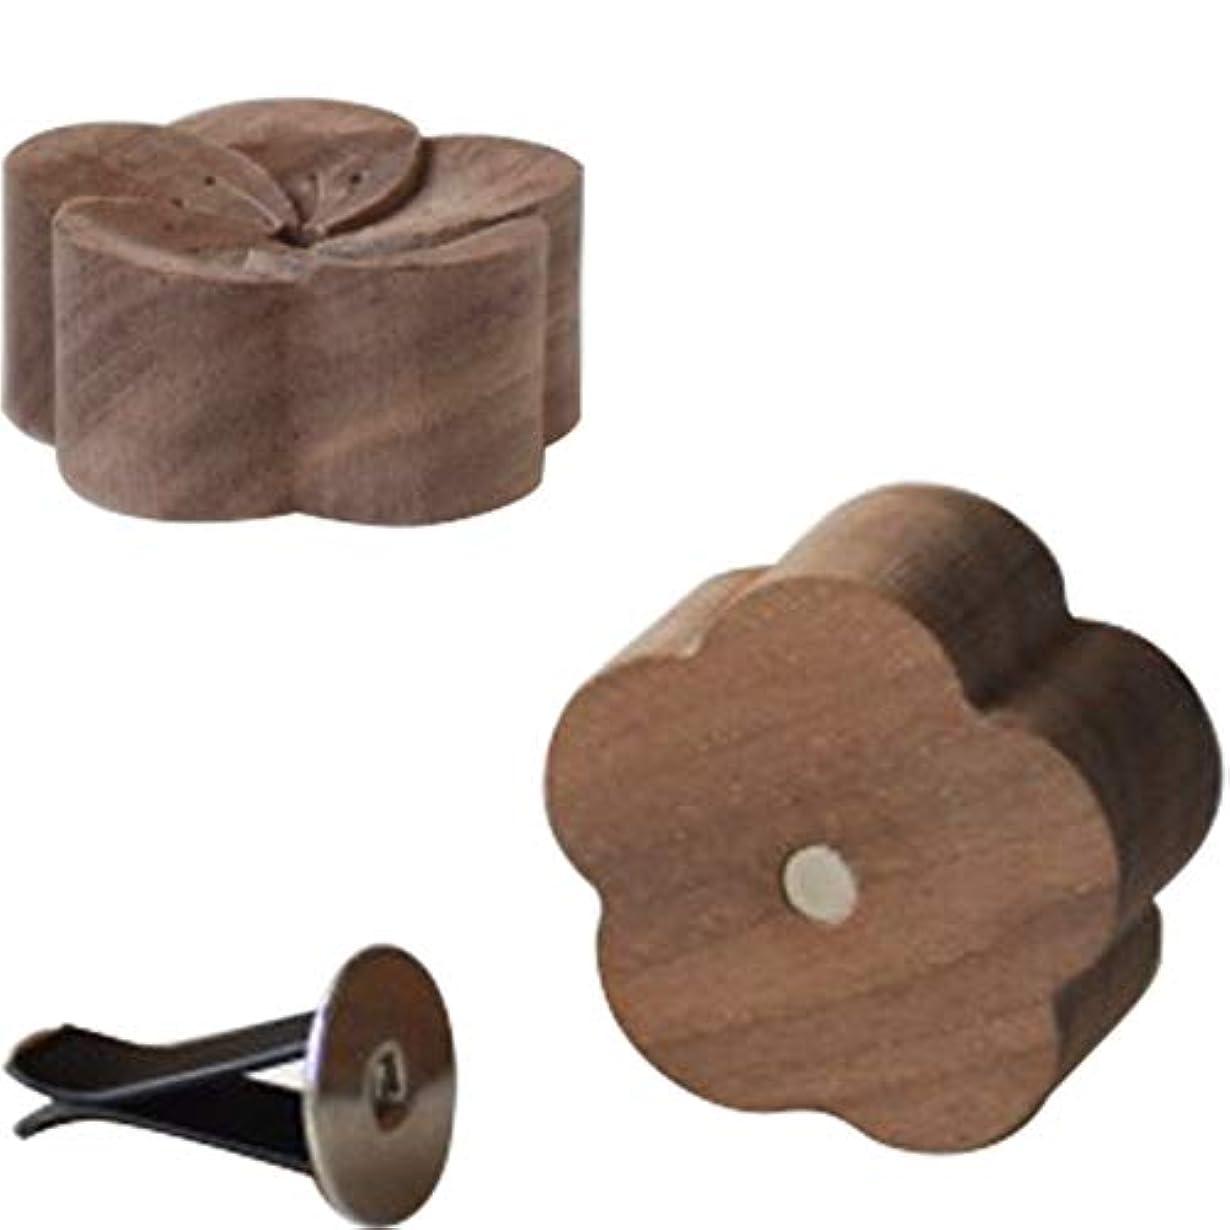 白い滑りやすい斧Umora 熱を使わず 簡易芳香器具 黒胡桃木梅花のアロマプレート アロマオイル 専用アロマディフューザー WOODタイプ 車載 安眠 瞑想 2個セット